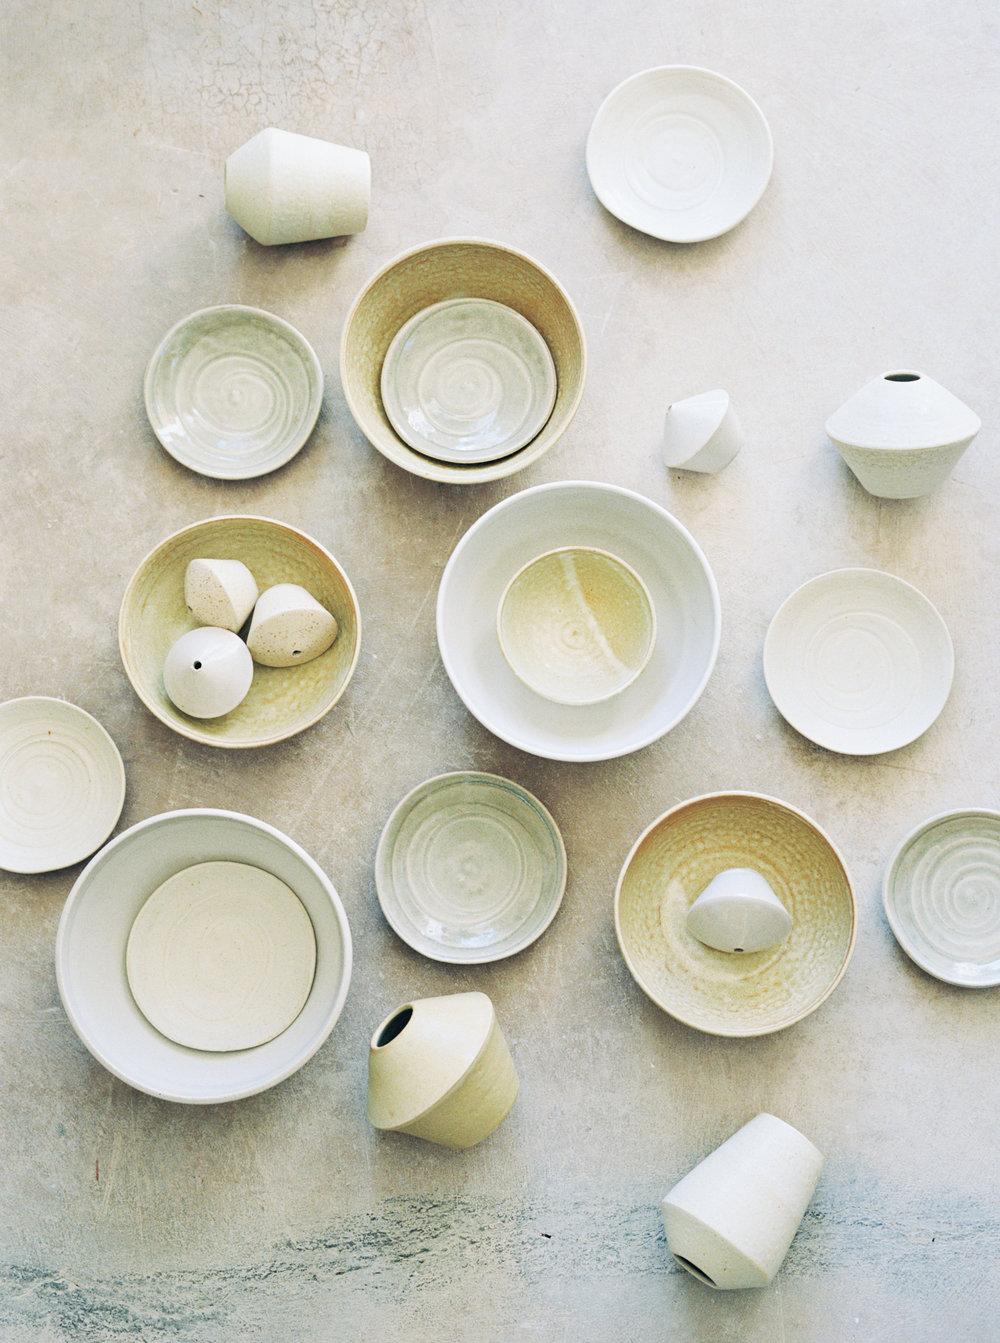 JENNI_KUPELIAN_pottery-25.JPG